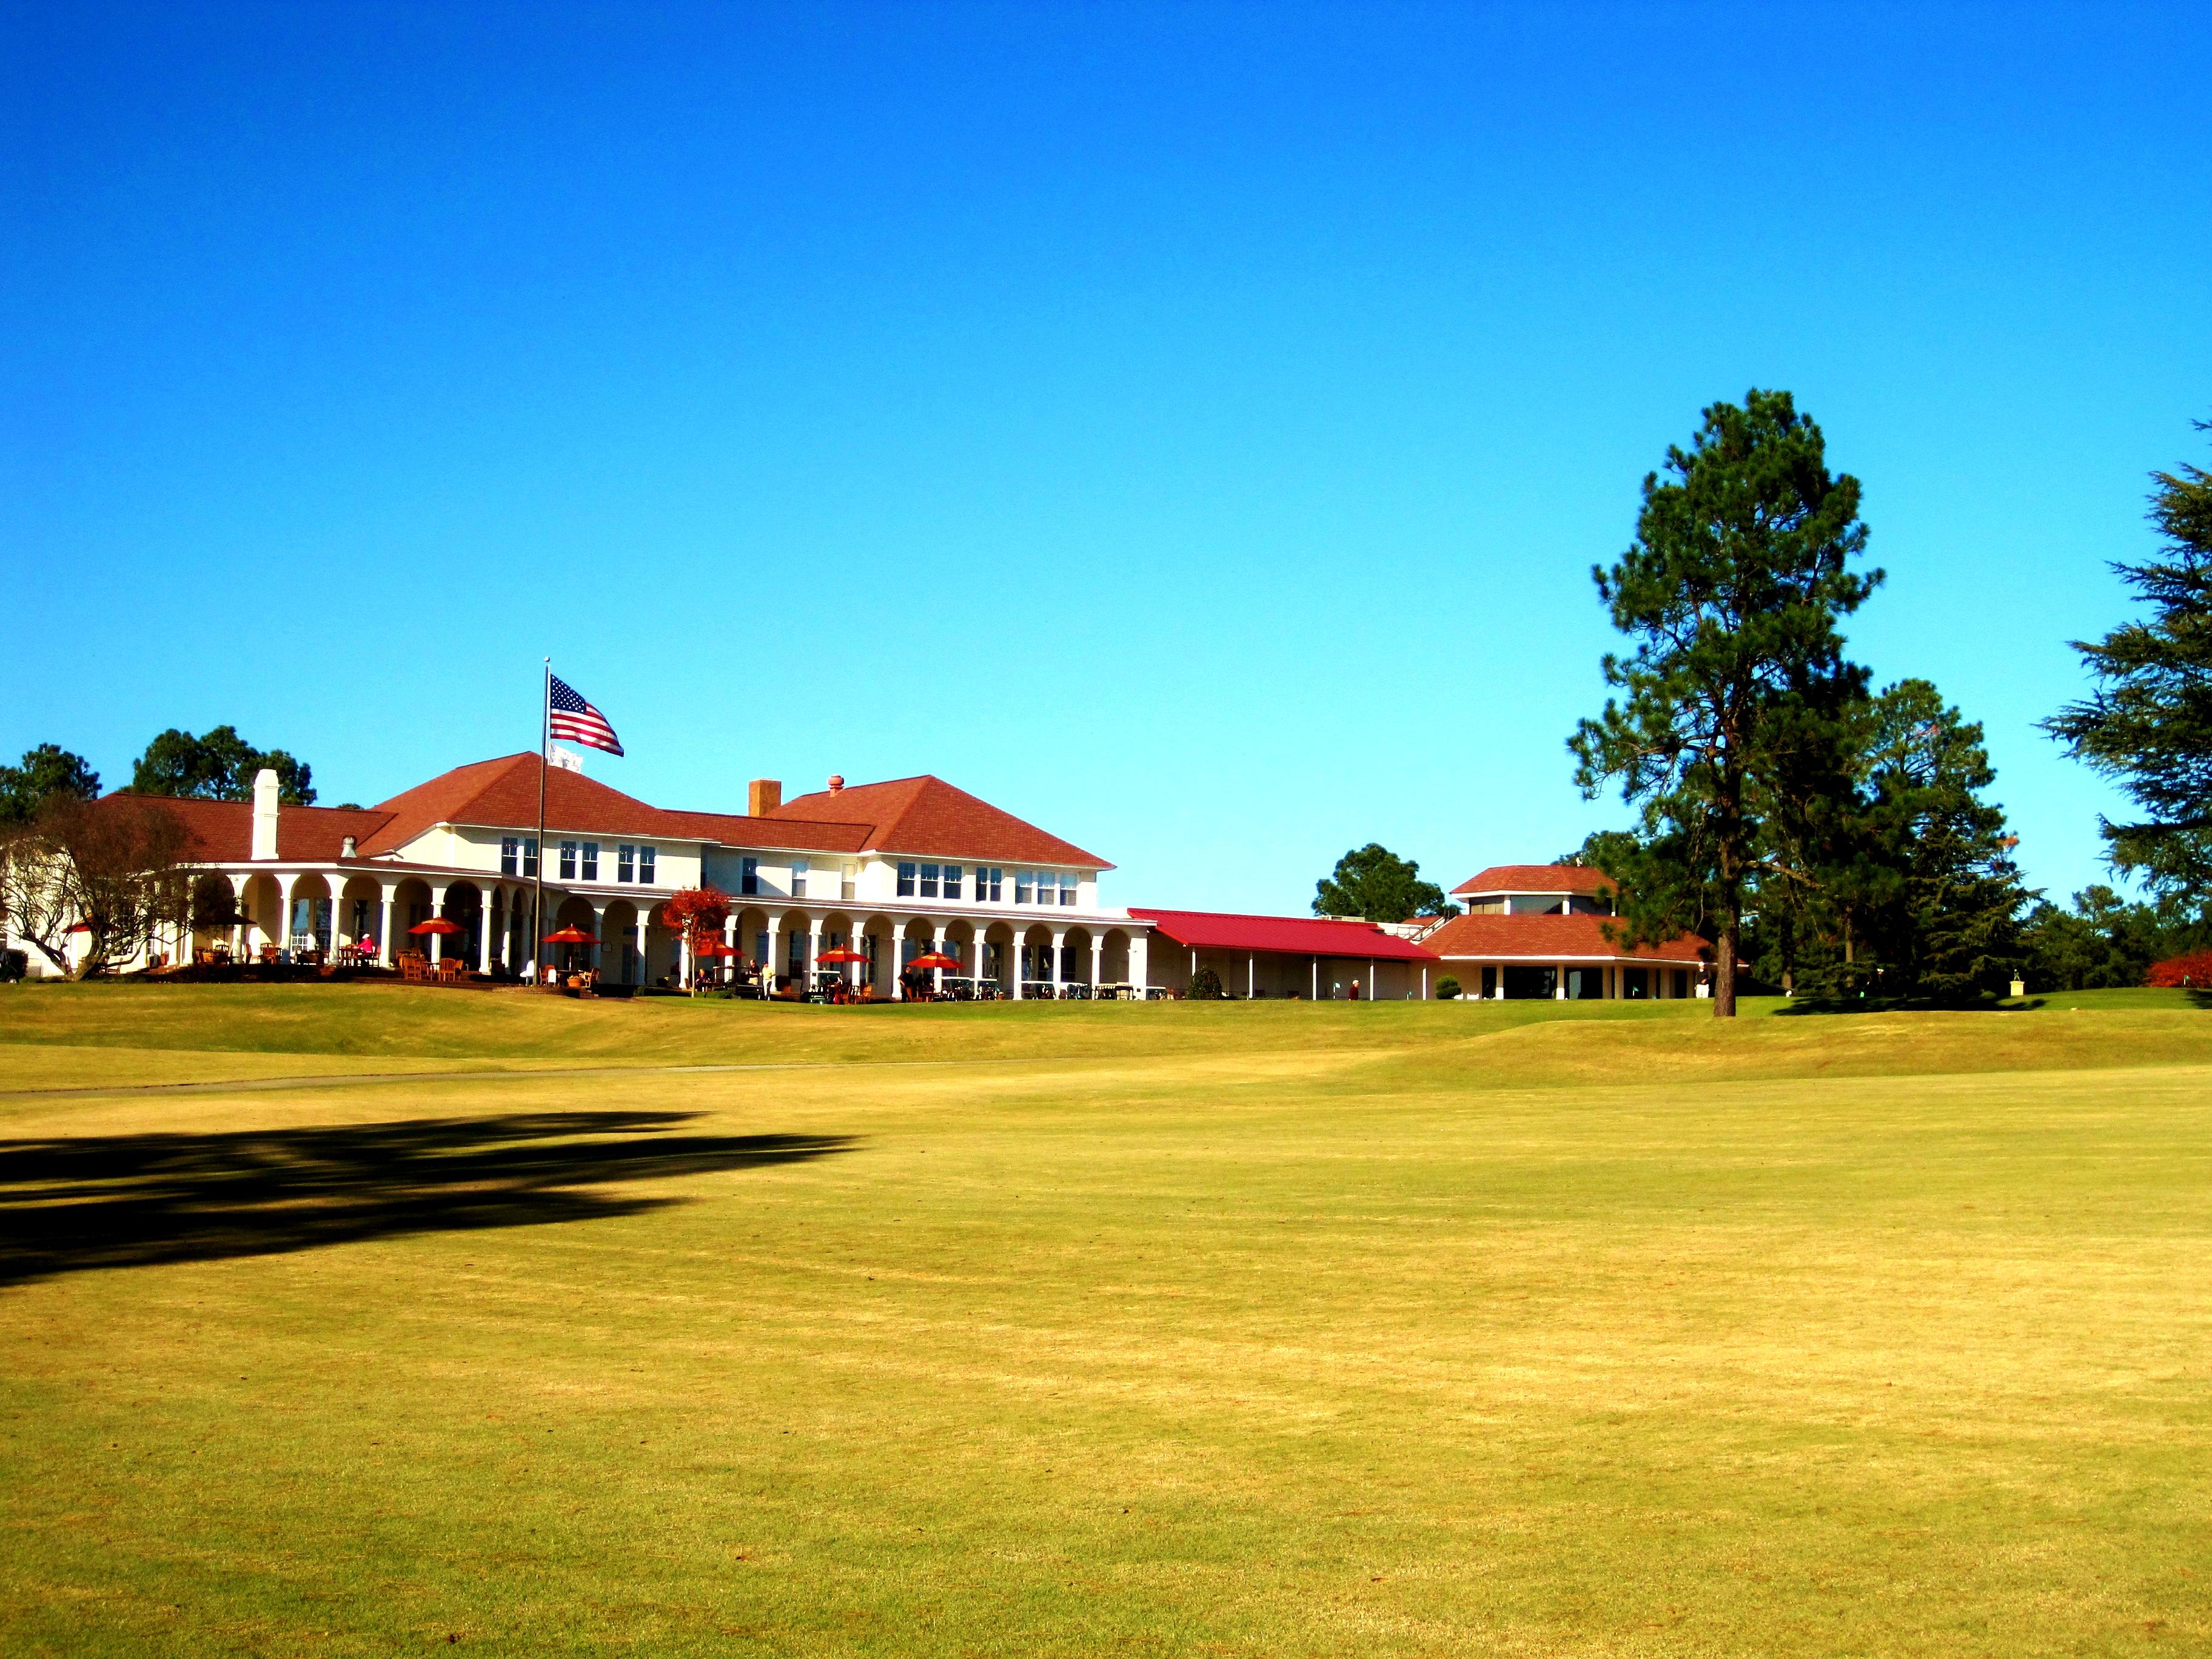 Friday, Nov. 9, 2012 at Pinehurst